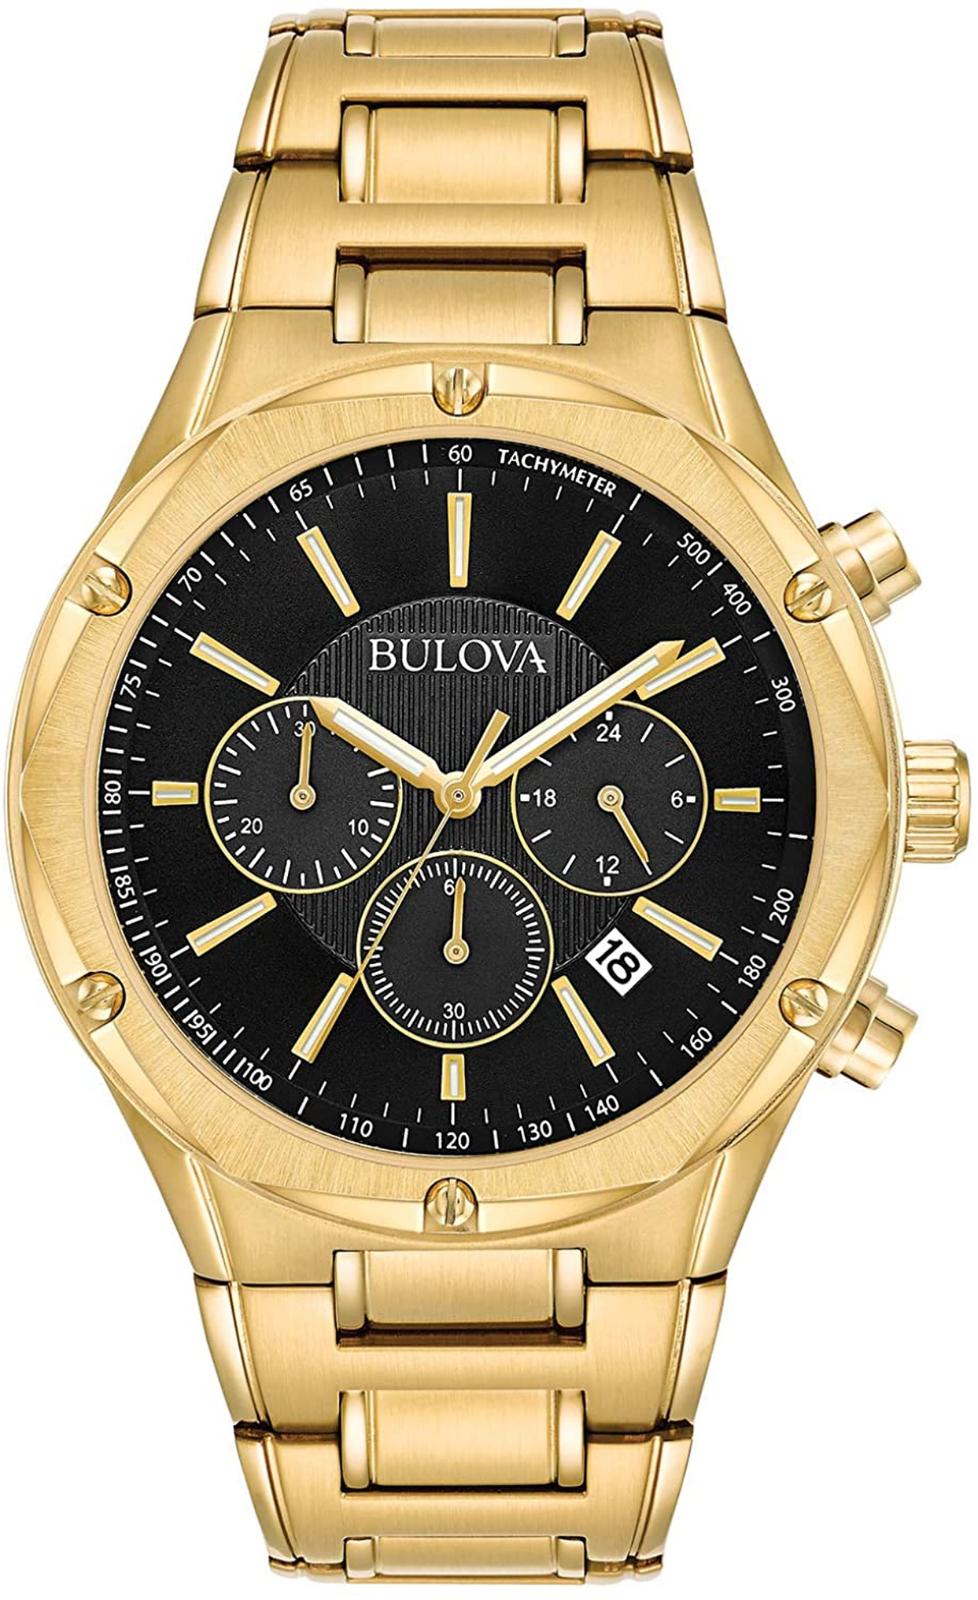 Bulova Men's 97B161 Black Dial Gold Tone Stainless Steel Chr